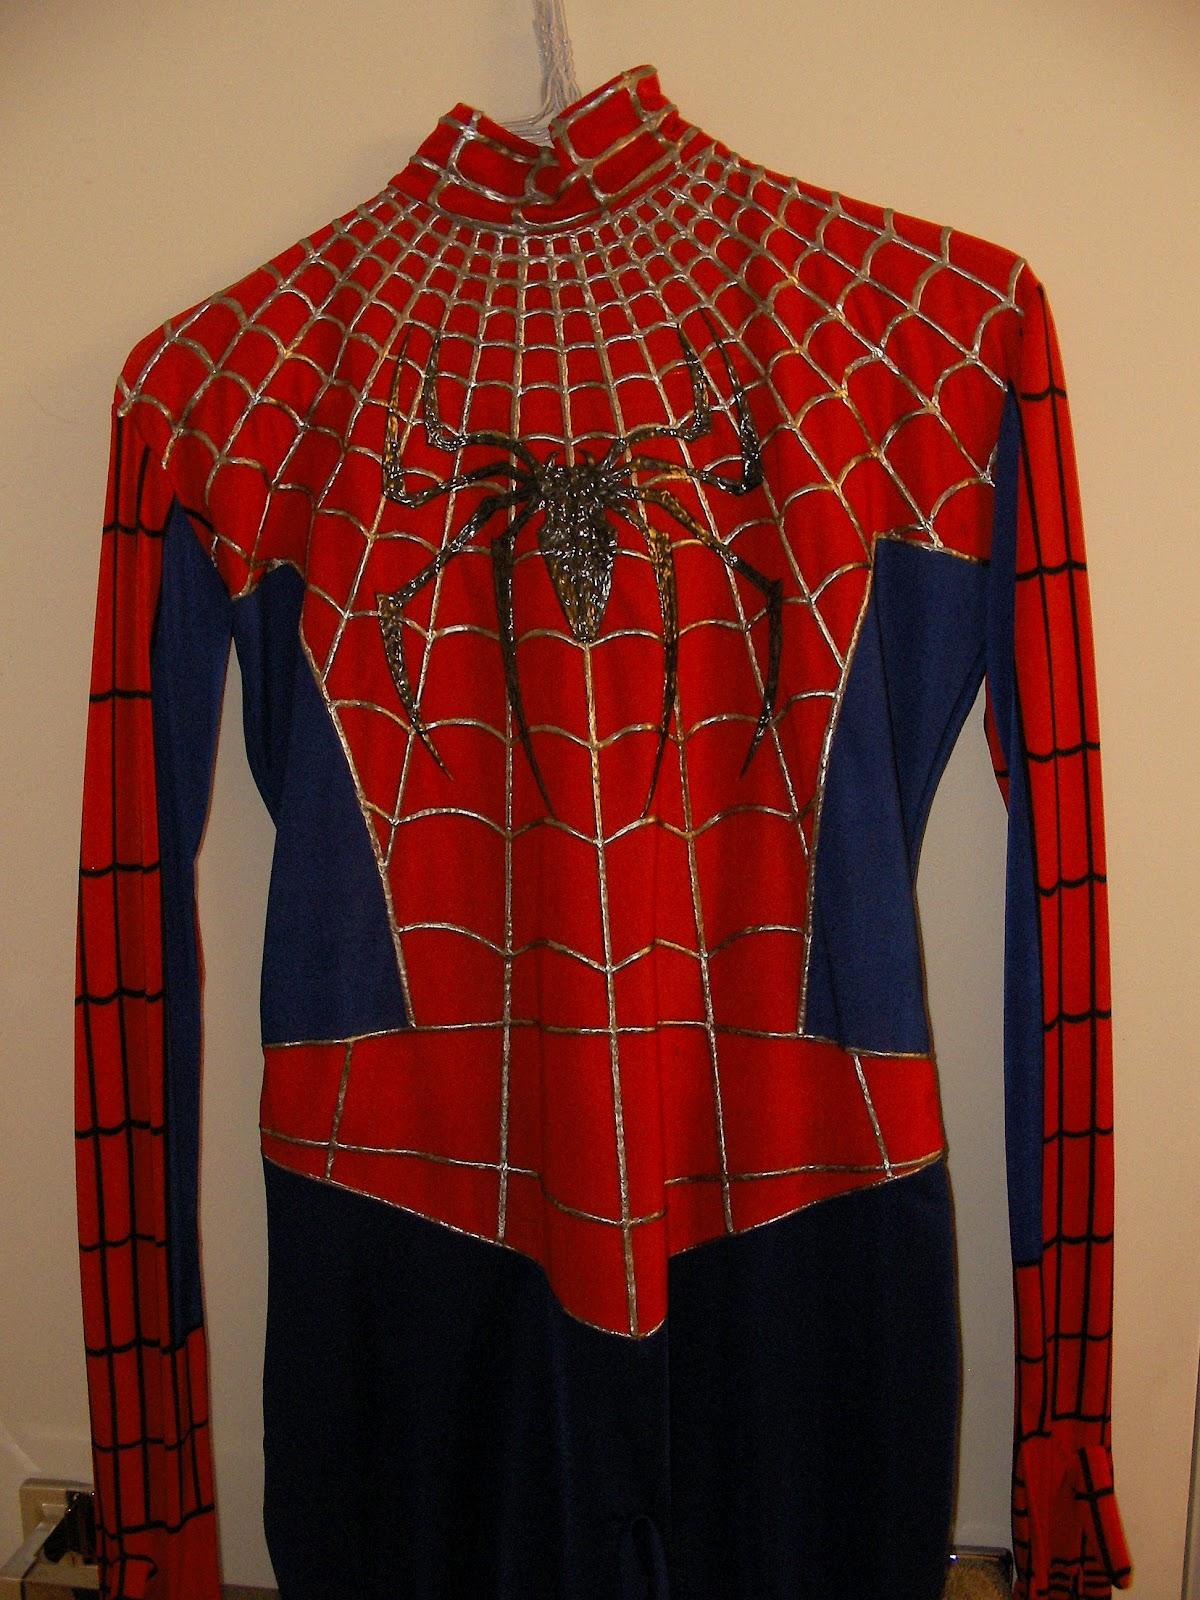 Spiderman replica costume part 2 - The torso - Hacksmith ...